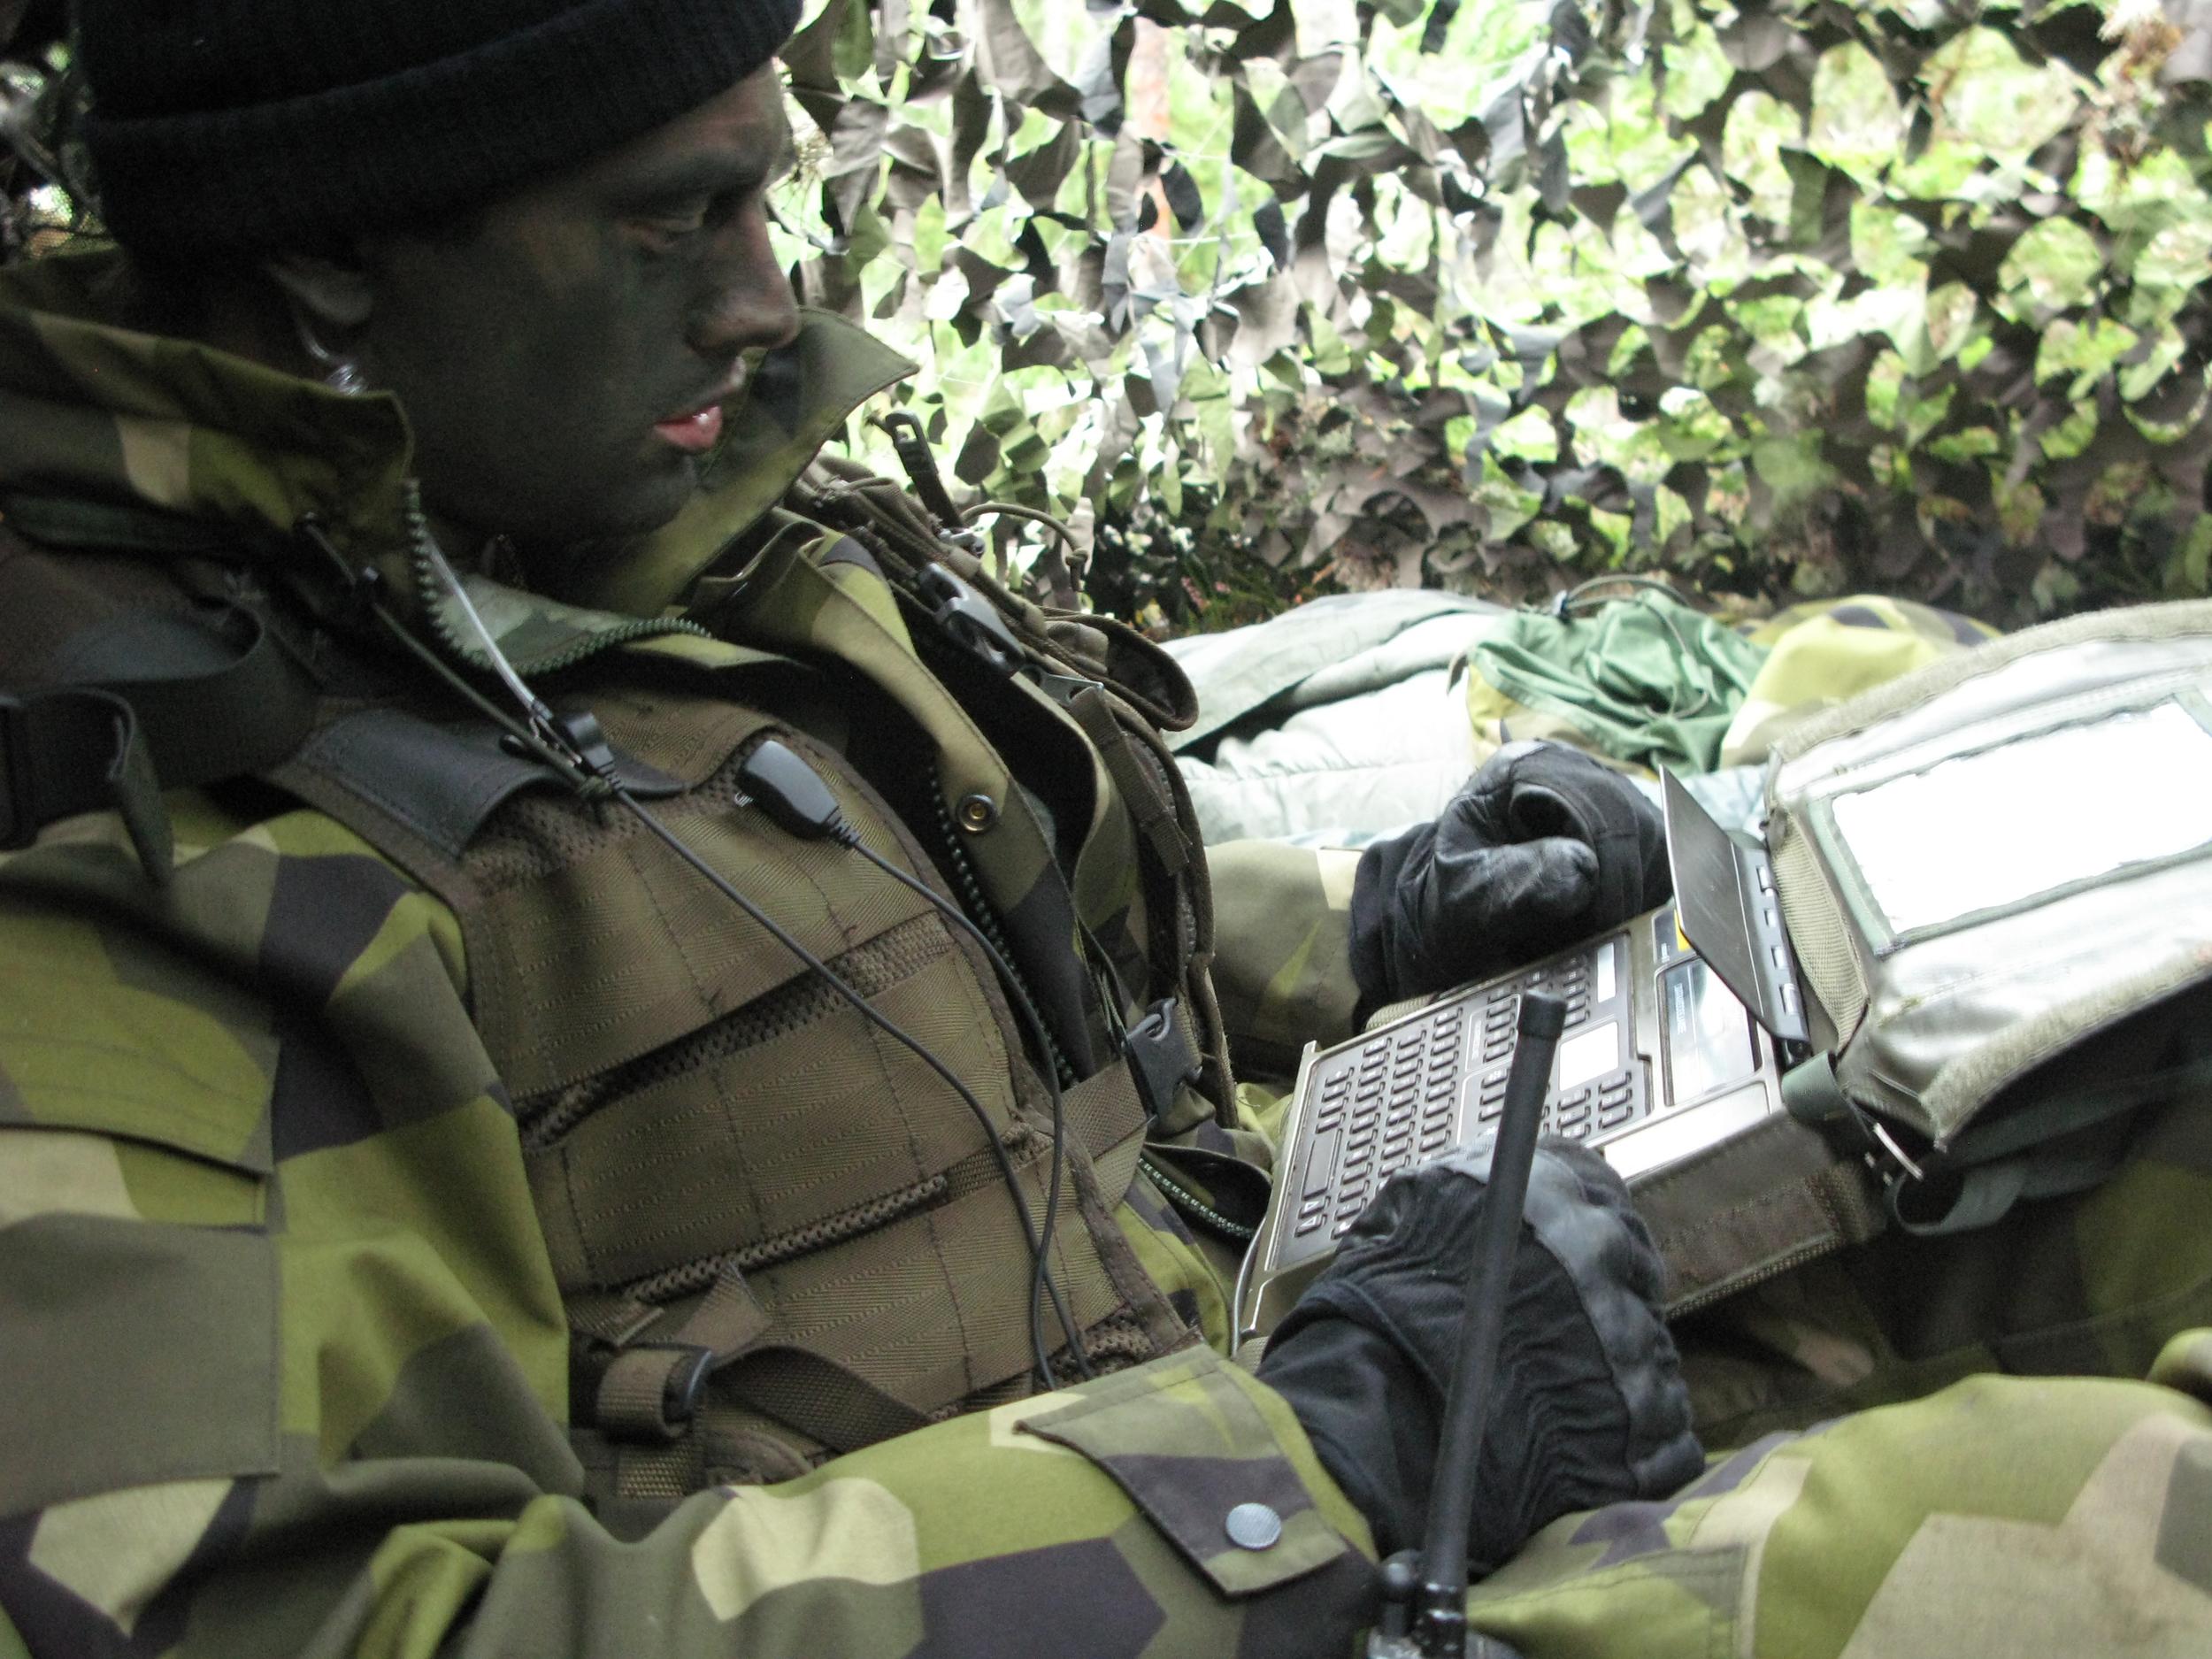 Fast spaning i skargård - Forbundet Kustjagarna  2007 - 209.jpg